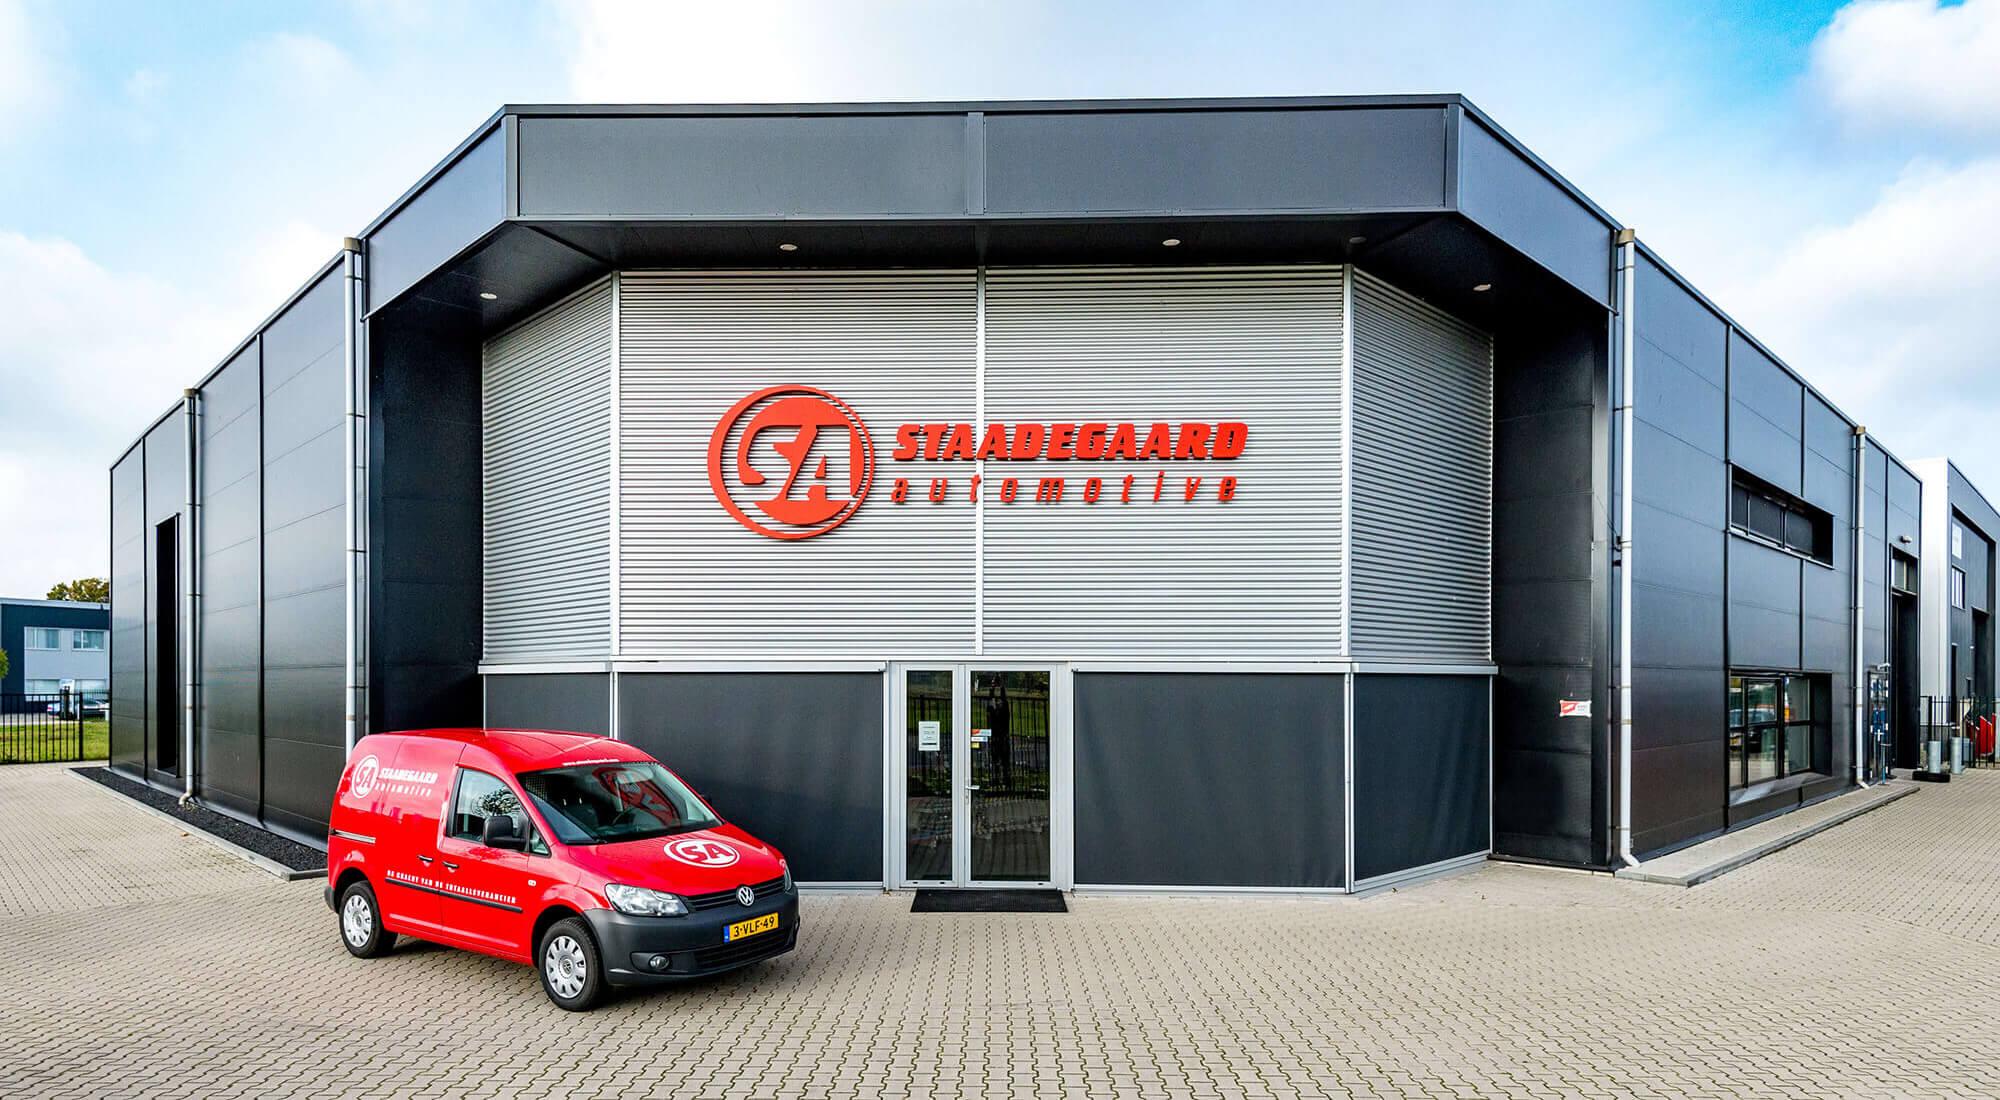 https://www.allianceautomotivegroupbenelux.com/wp-content/uploads/2016/12/partspoint_staadegaard_wijchen-6-van-15.jpg